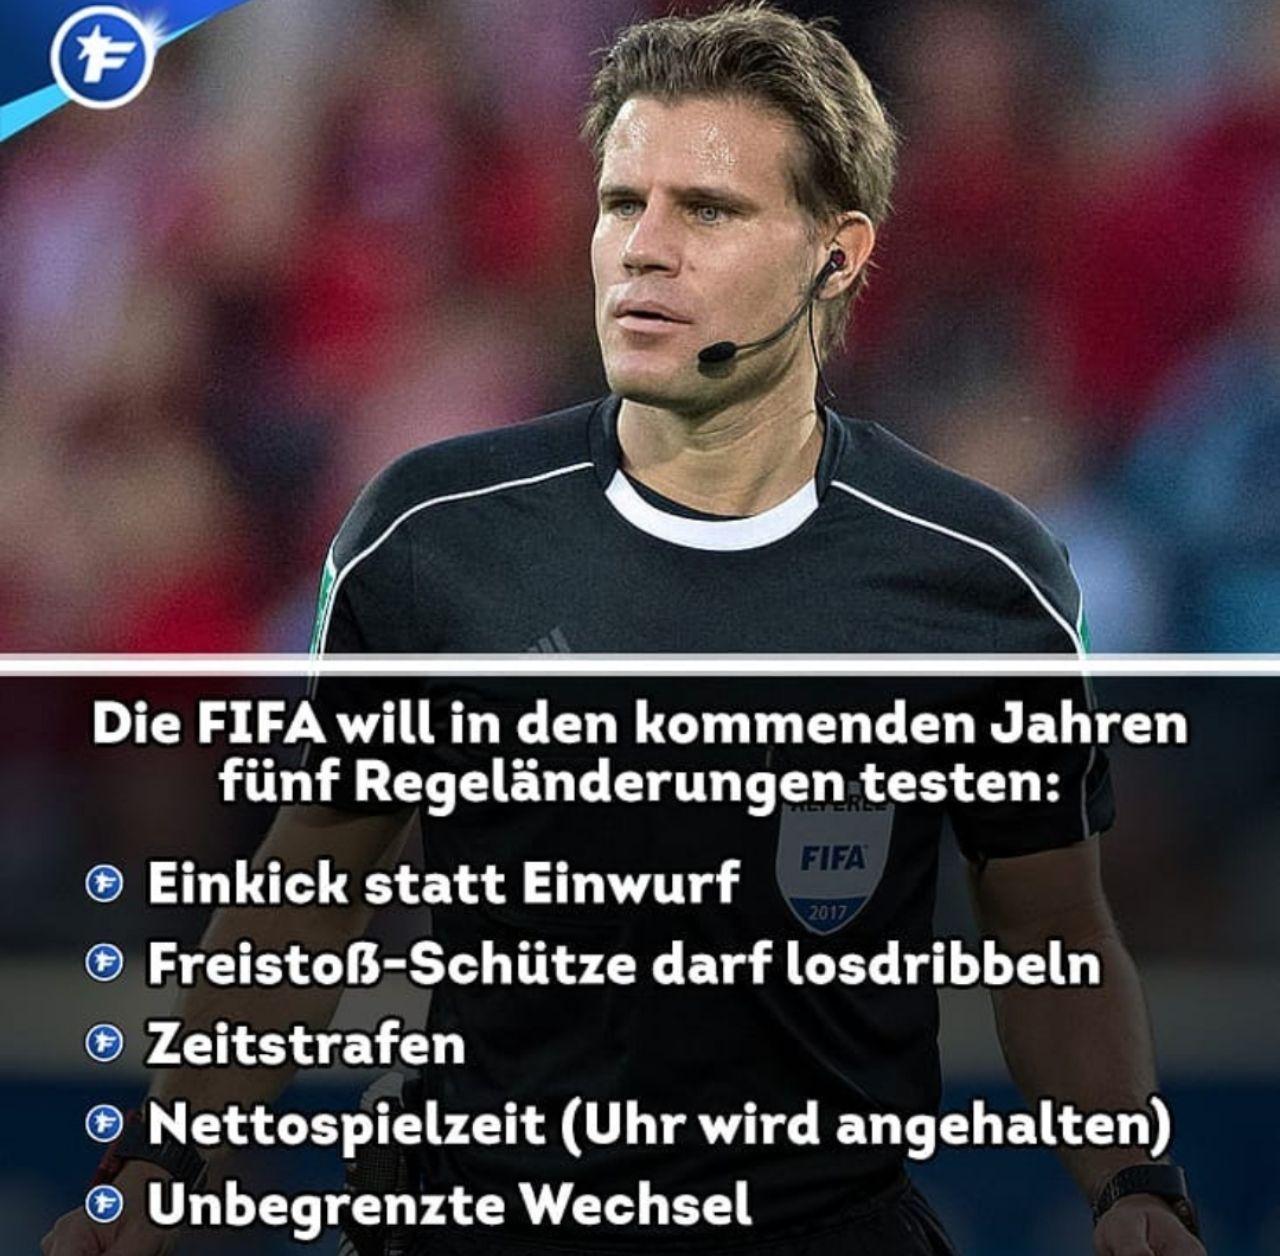 قوانین عجیب و غریب به فوتبال اضافه میشود